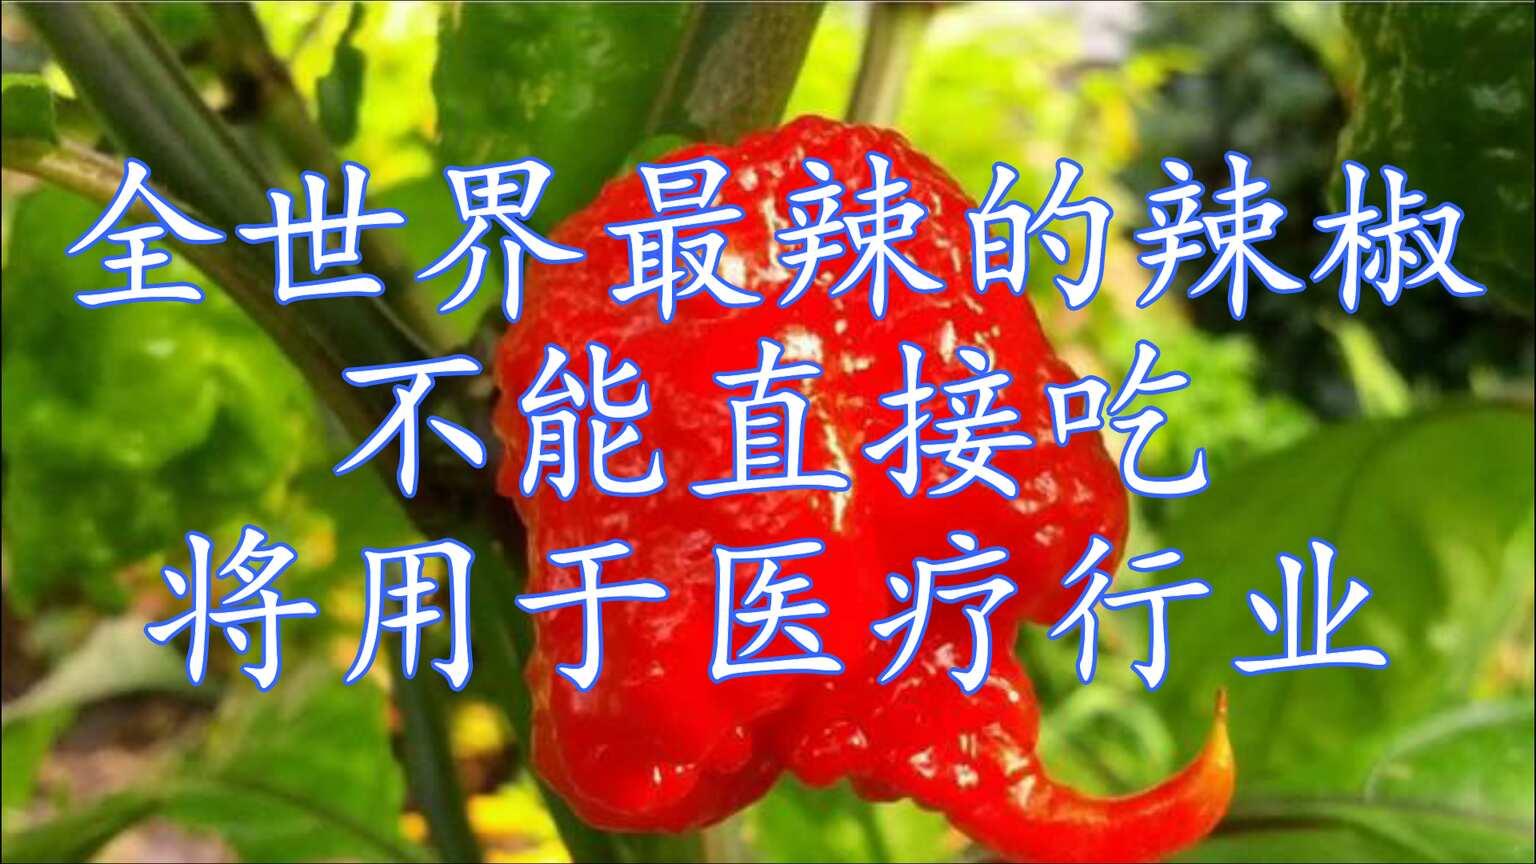 全世界最辣的辣椒-龍息辣椒,竟不能直接食用,但將用于醫療行業